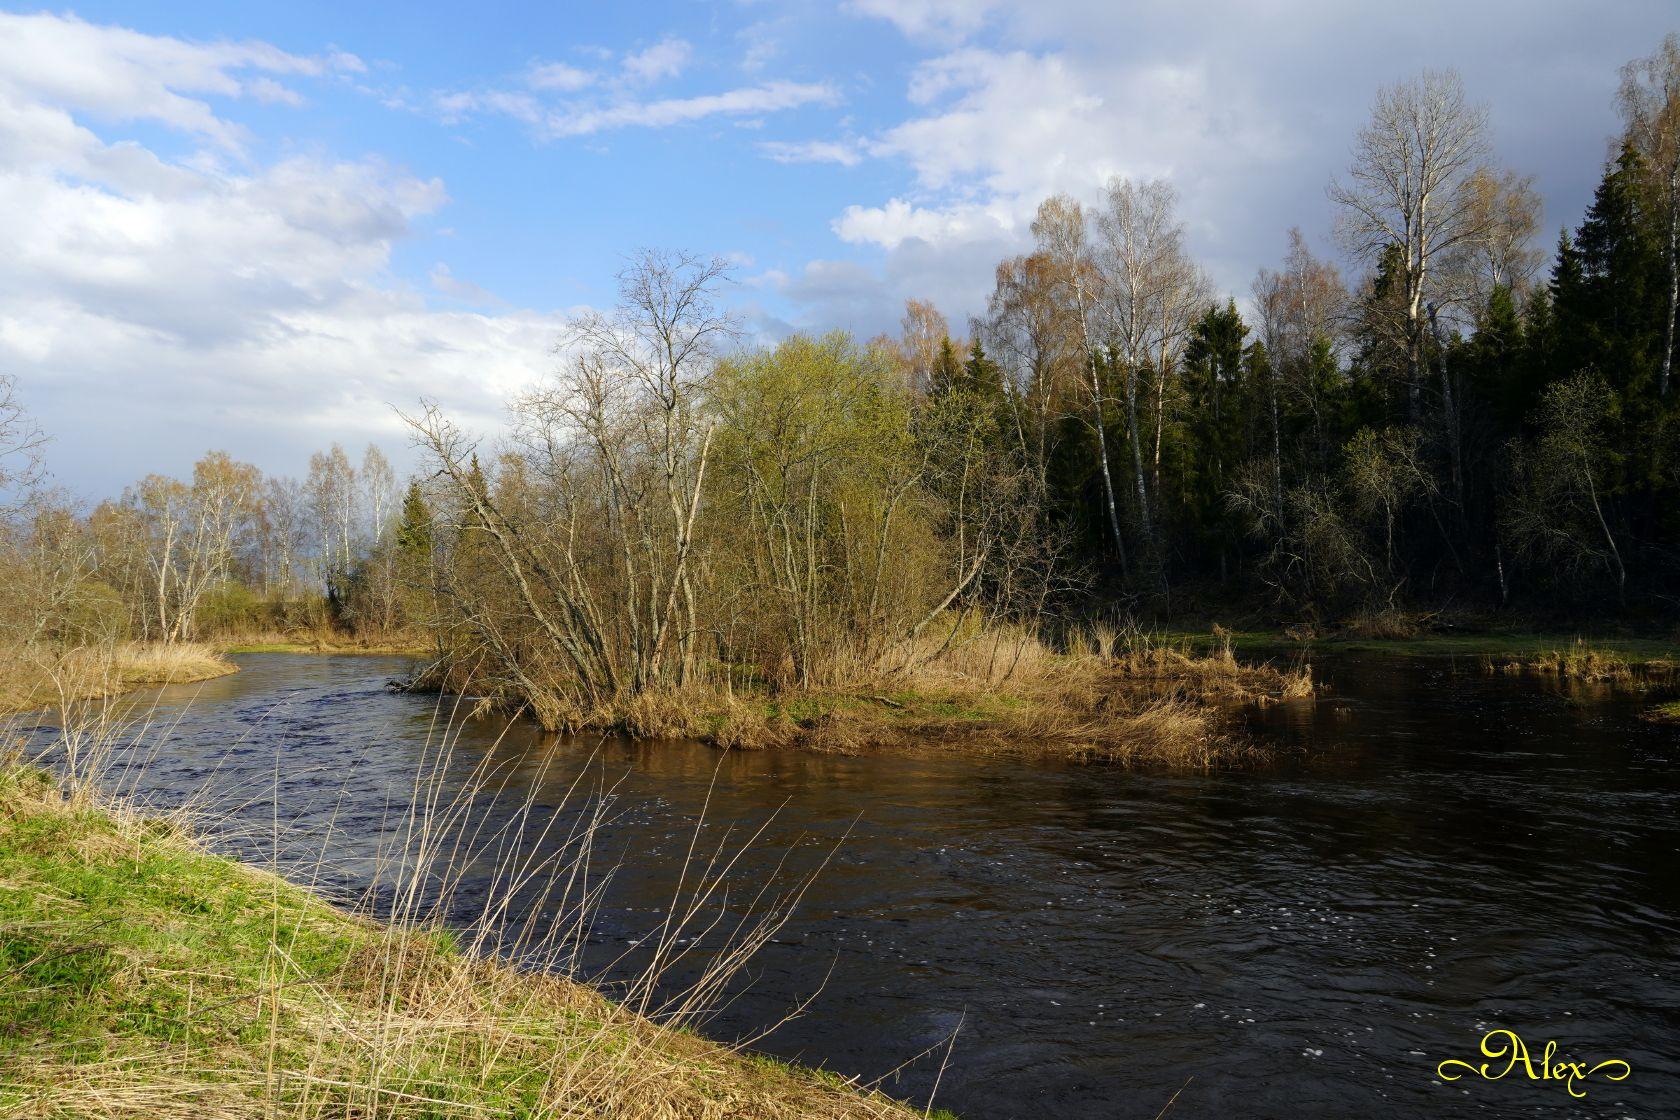 Островок река островок природа пейзаж весна половодье